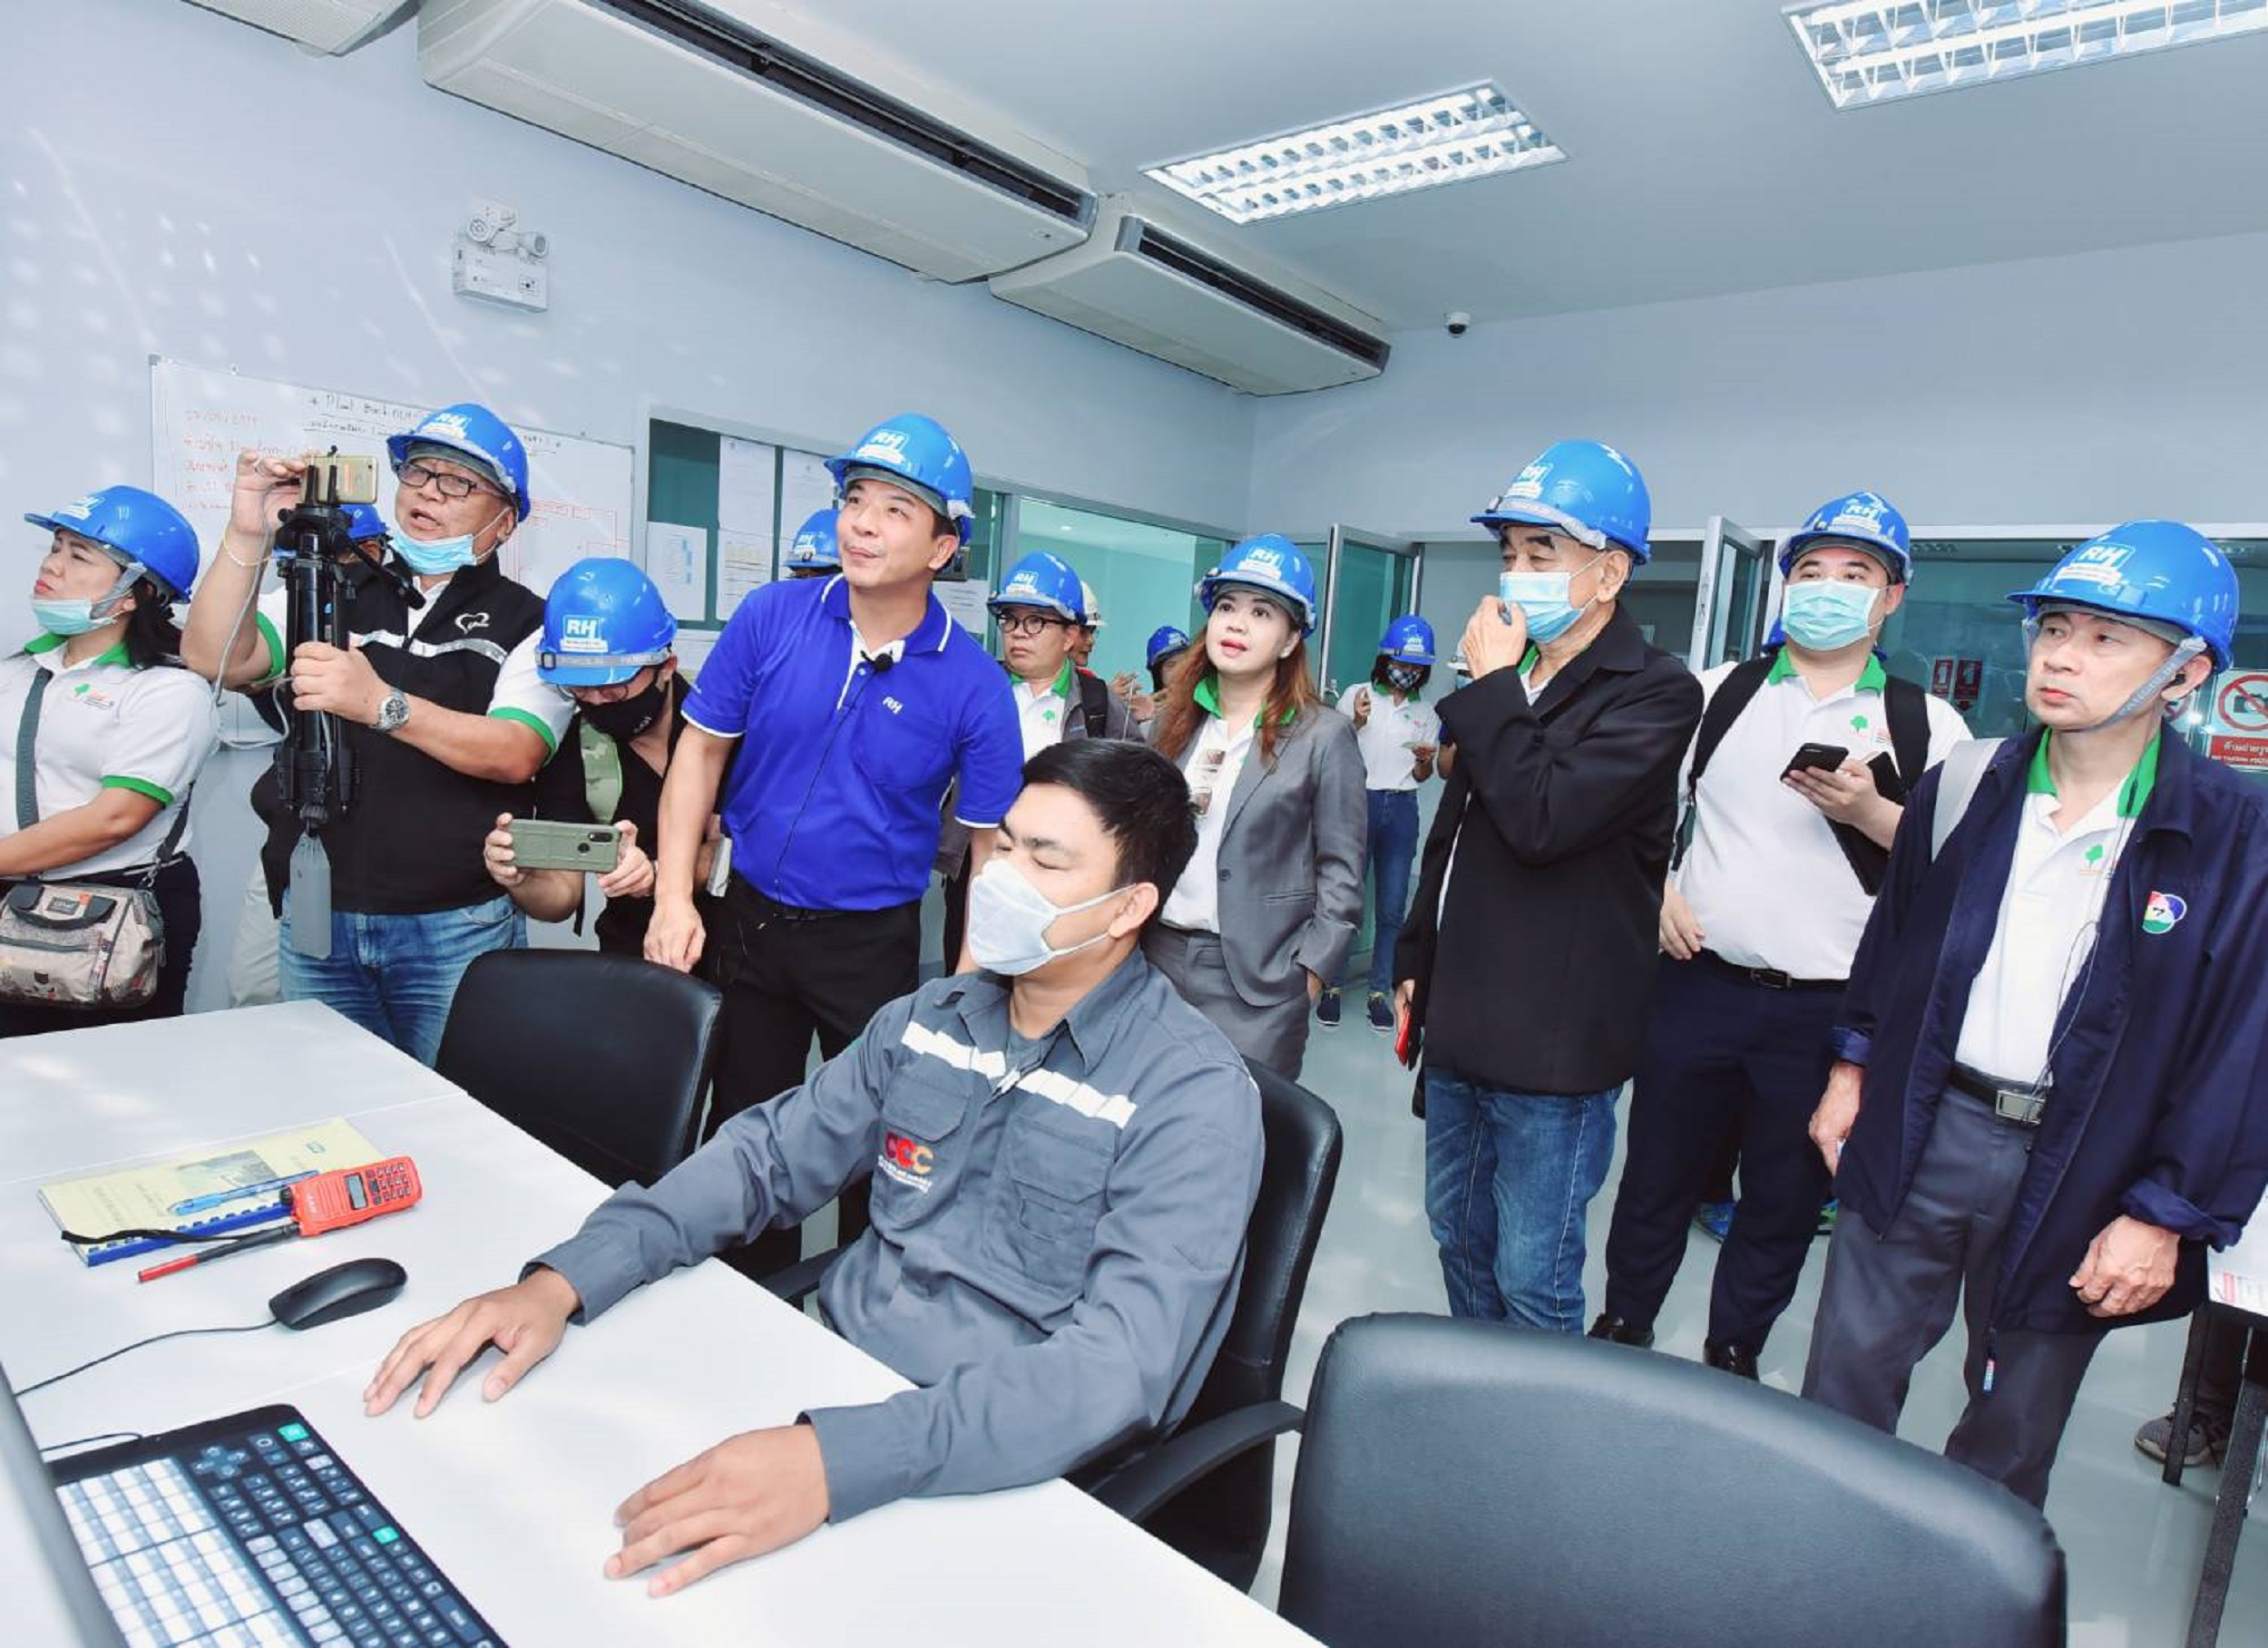 เครือข่ายสื่อมวลชนเยียมชมโรงไฟฟ้าเชื้อเพลิงขยะอุตสาหกรรม